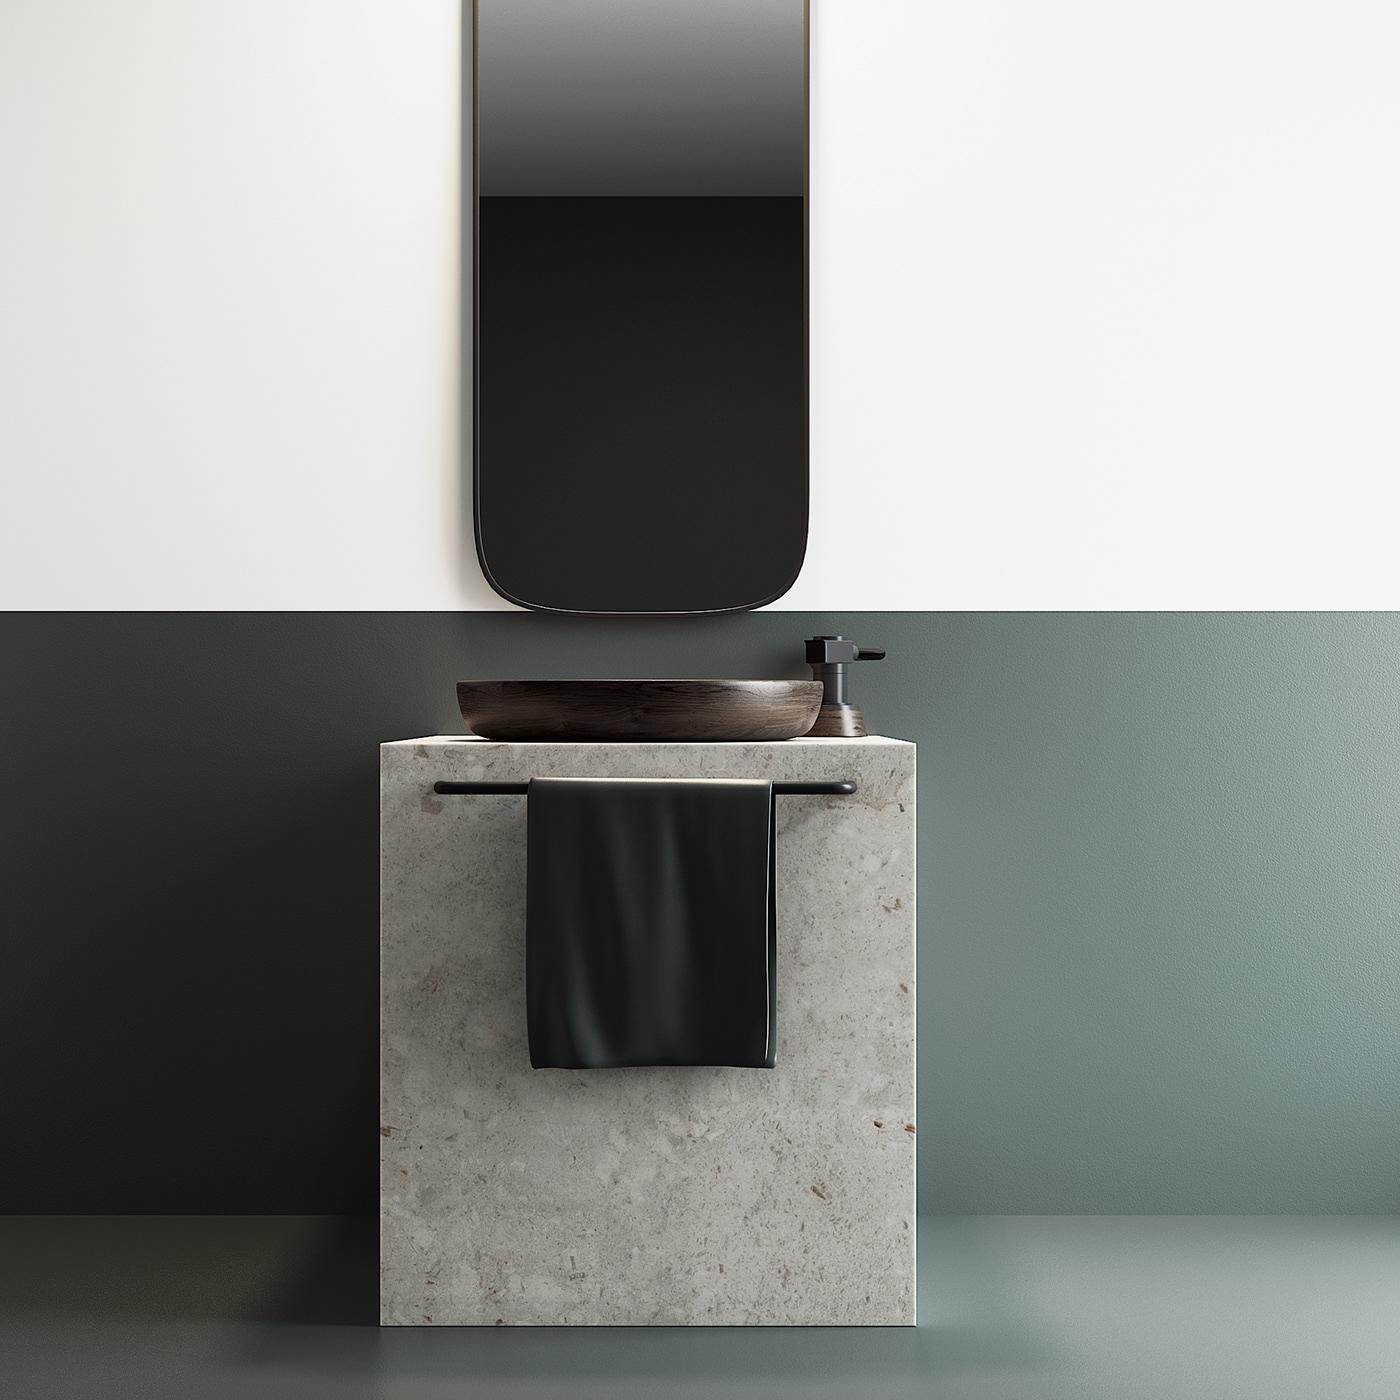 product design  design mixer bathroom product Interior interior design